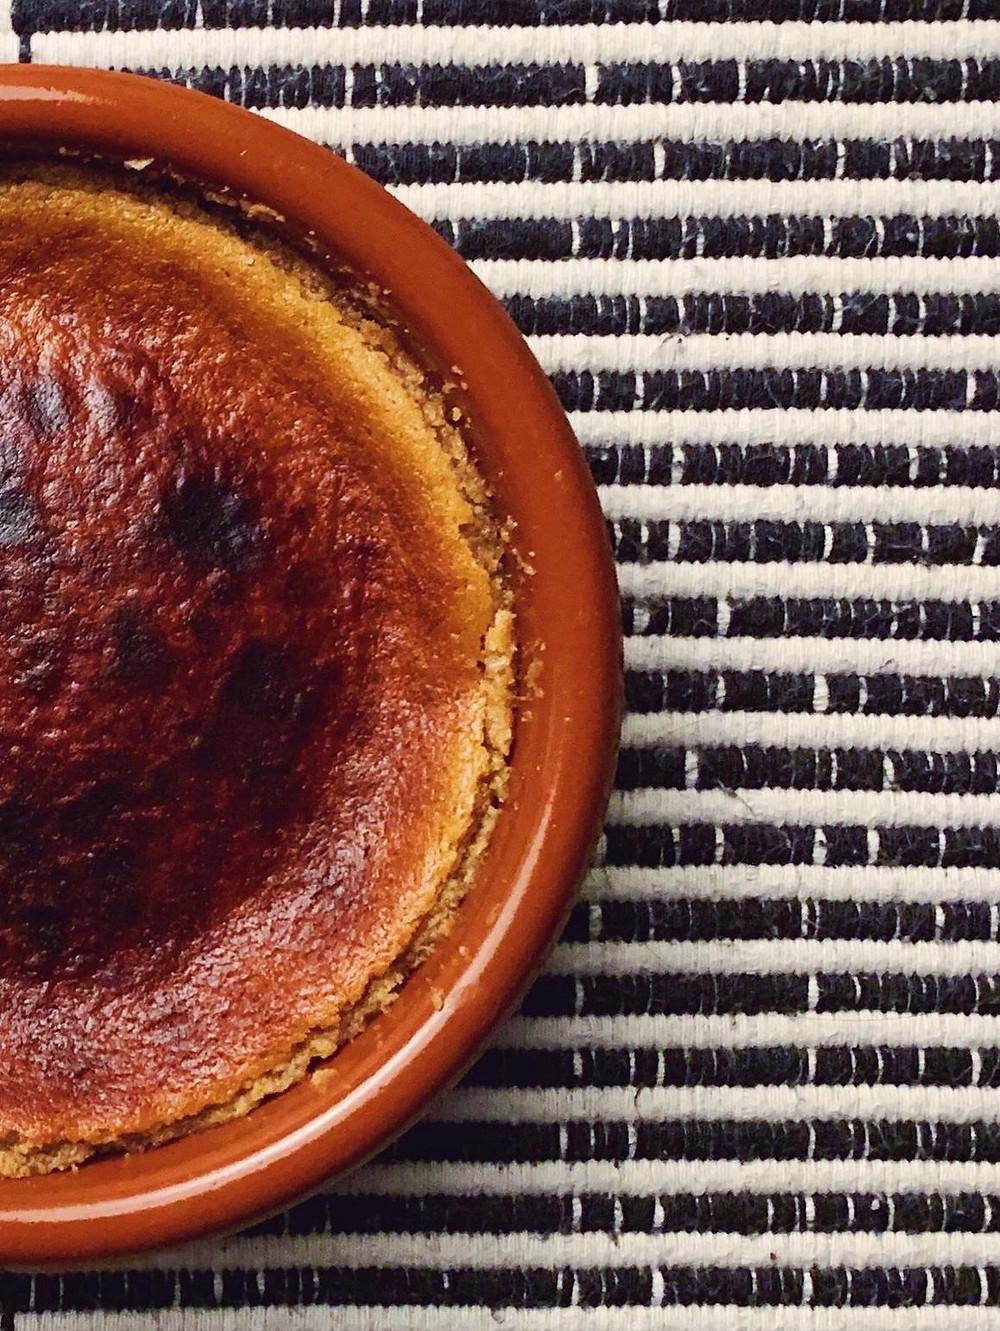 Halvás es un turrón girego a base de semillas de sésamo, con galletas, limón, mantequilla y leche al horno.